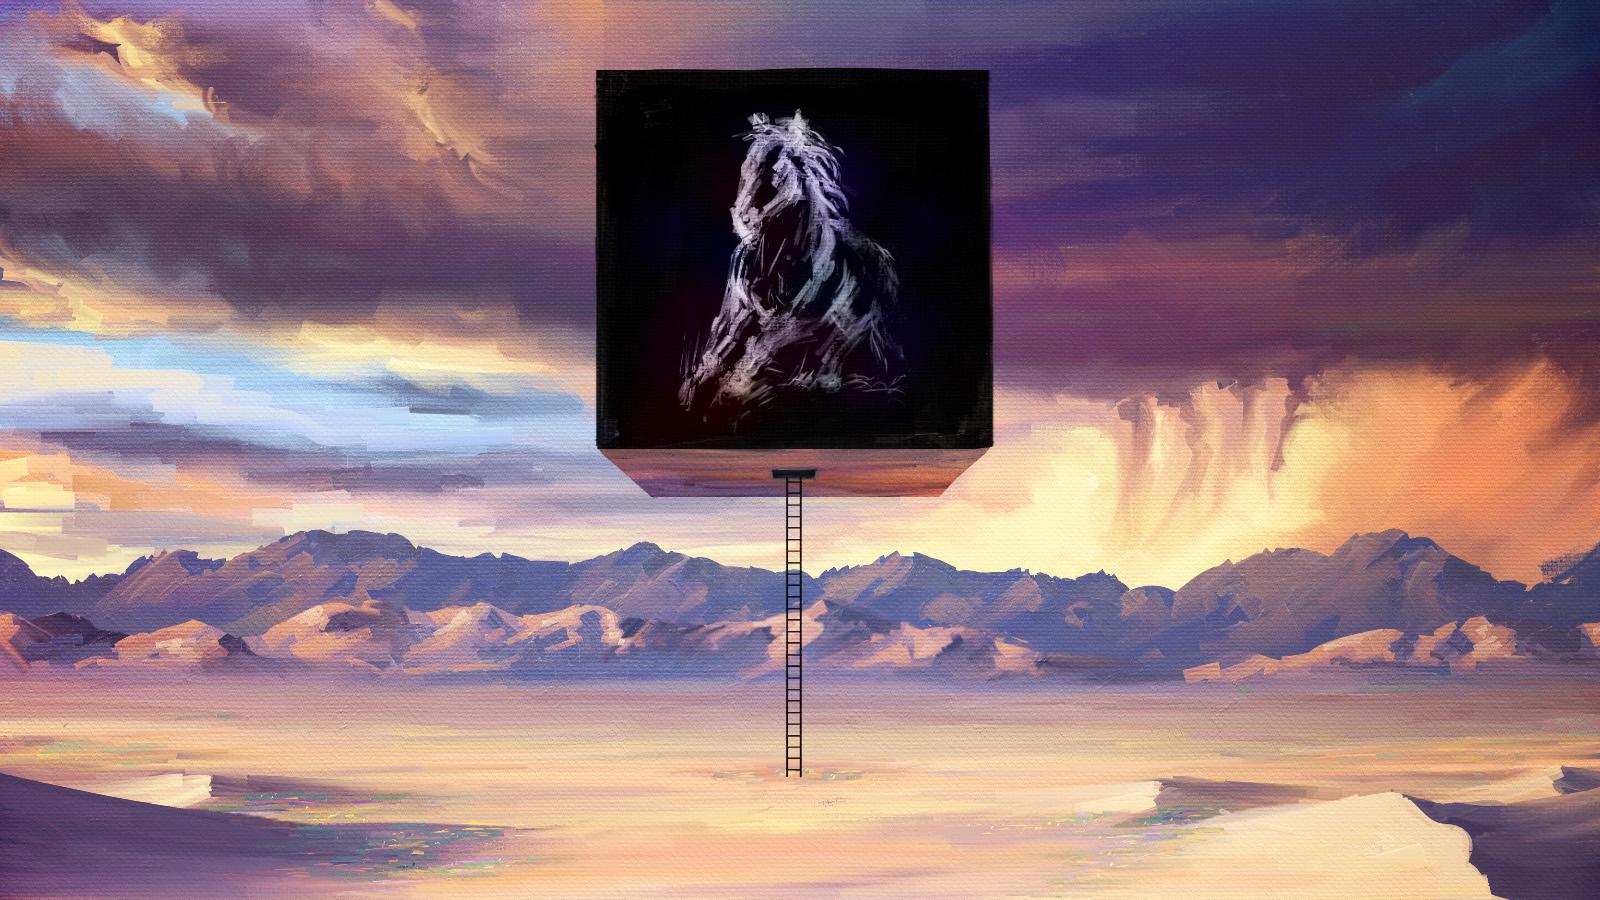 Desert, Cube, Ladder, Horse, Flowers, Storm